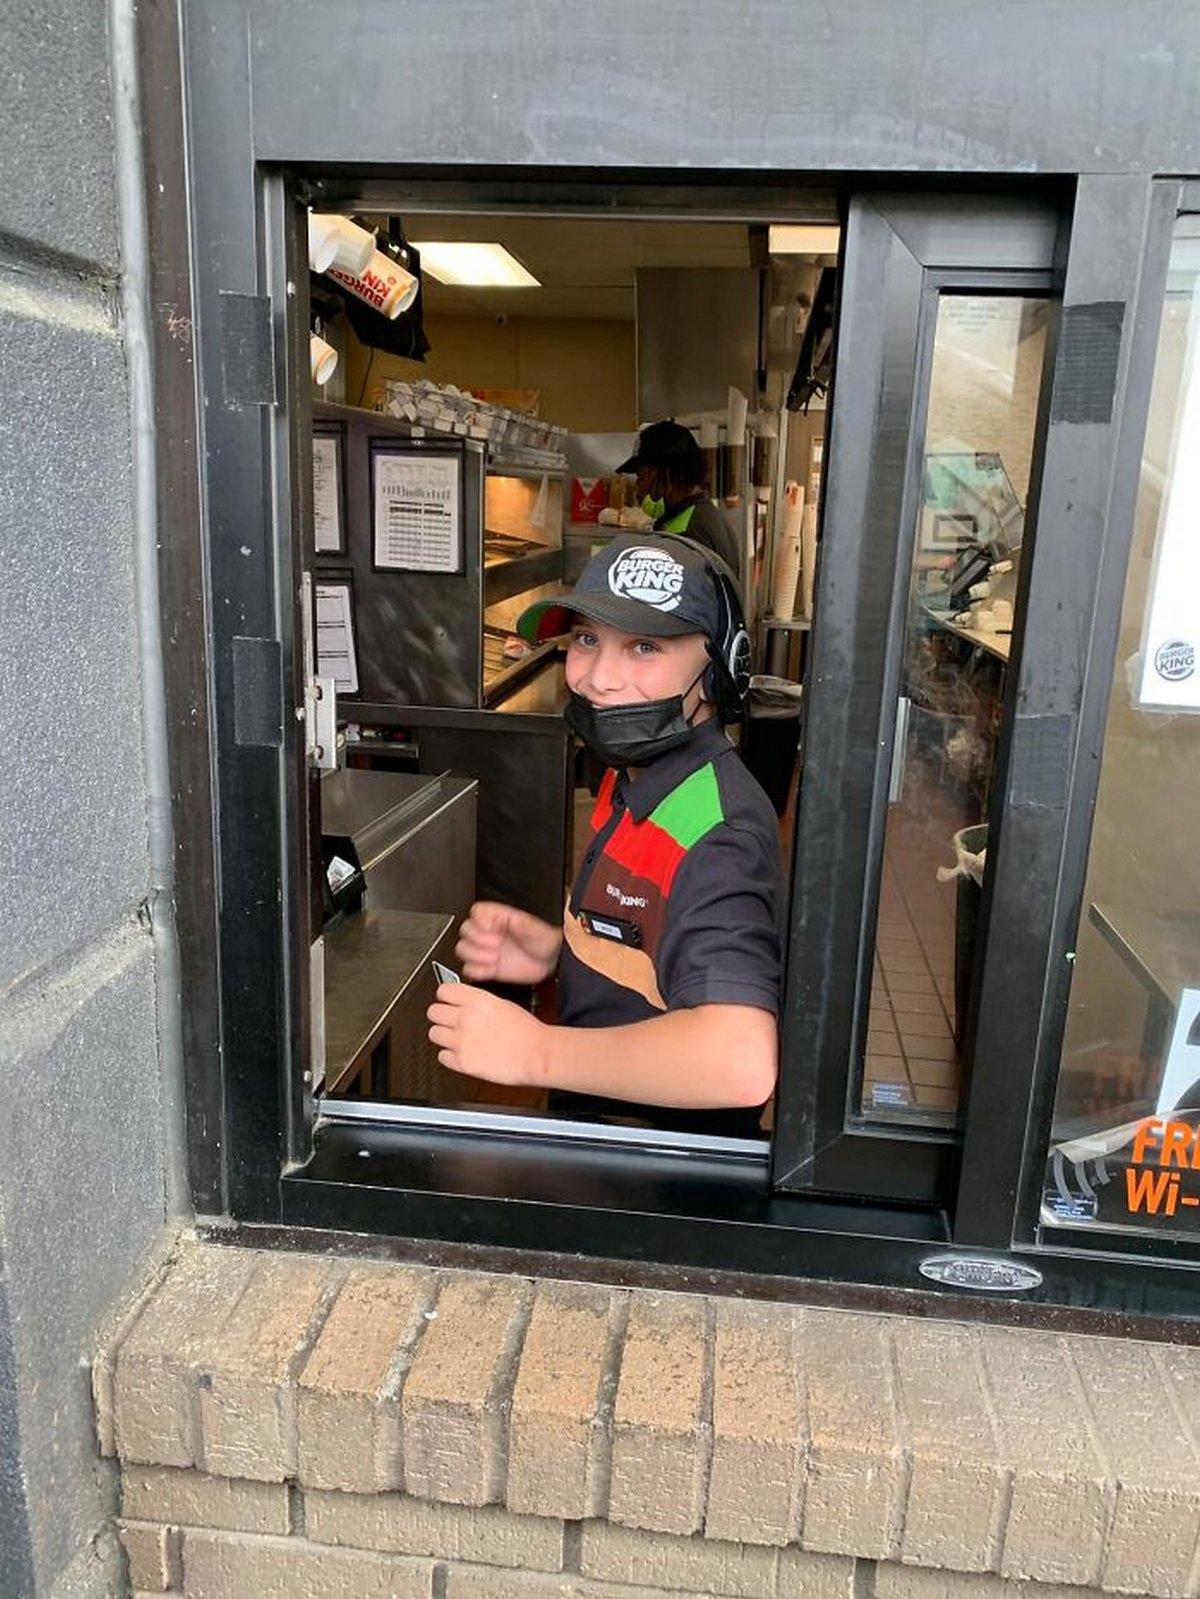 Un père se vante que son fils de 14 ans travaille «tous les jours qu'il peut» chez Burger King, ce qui lance un vif débat en ligne